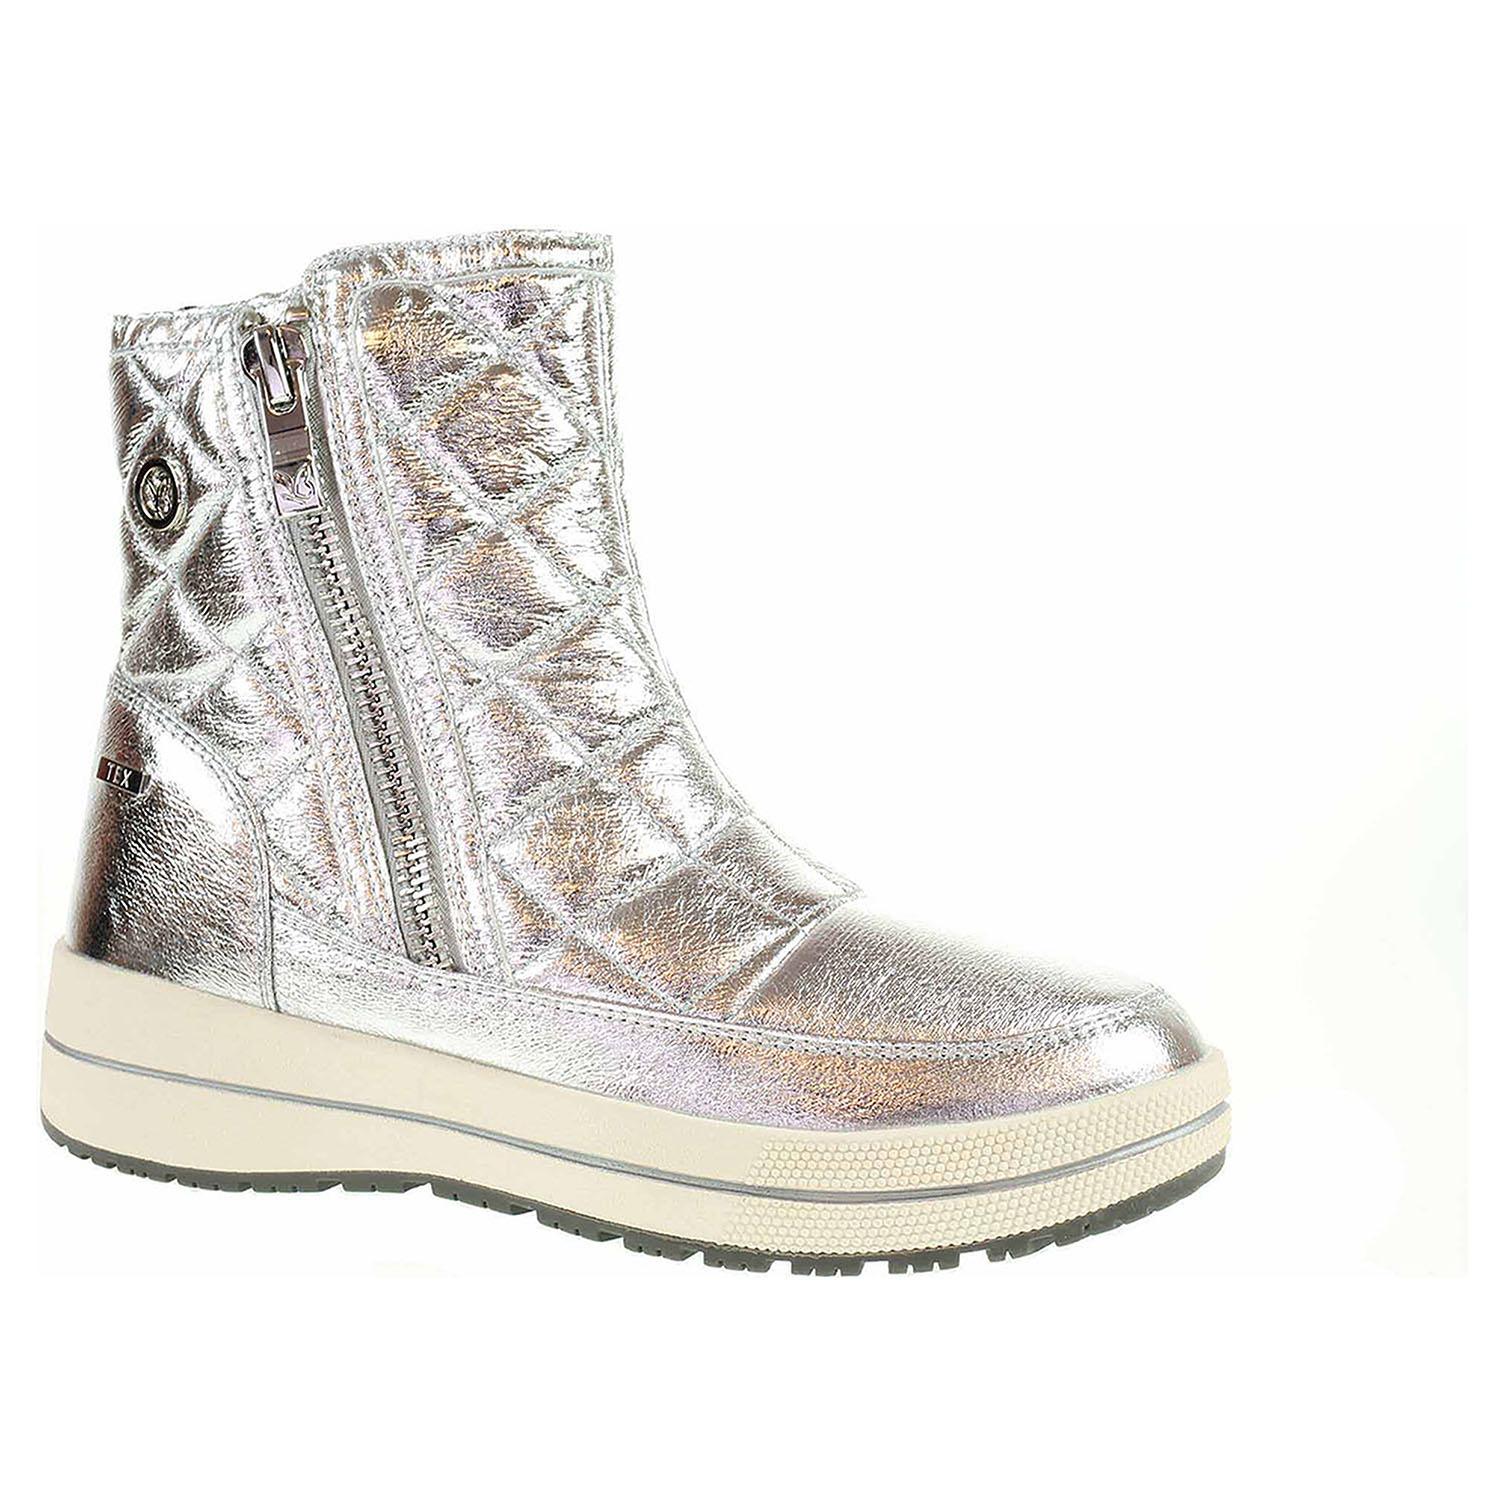 9/9-26454/21 920 silver metal lepené dámské městské sněhule, Tex CAPRICE